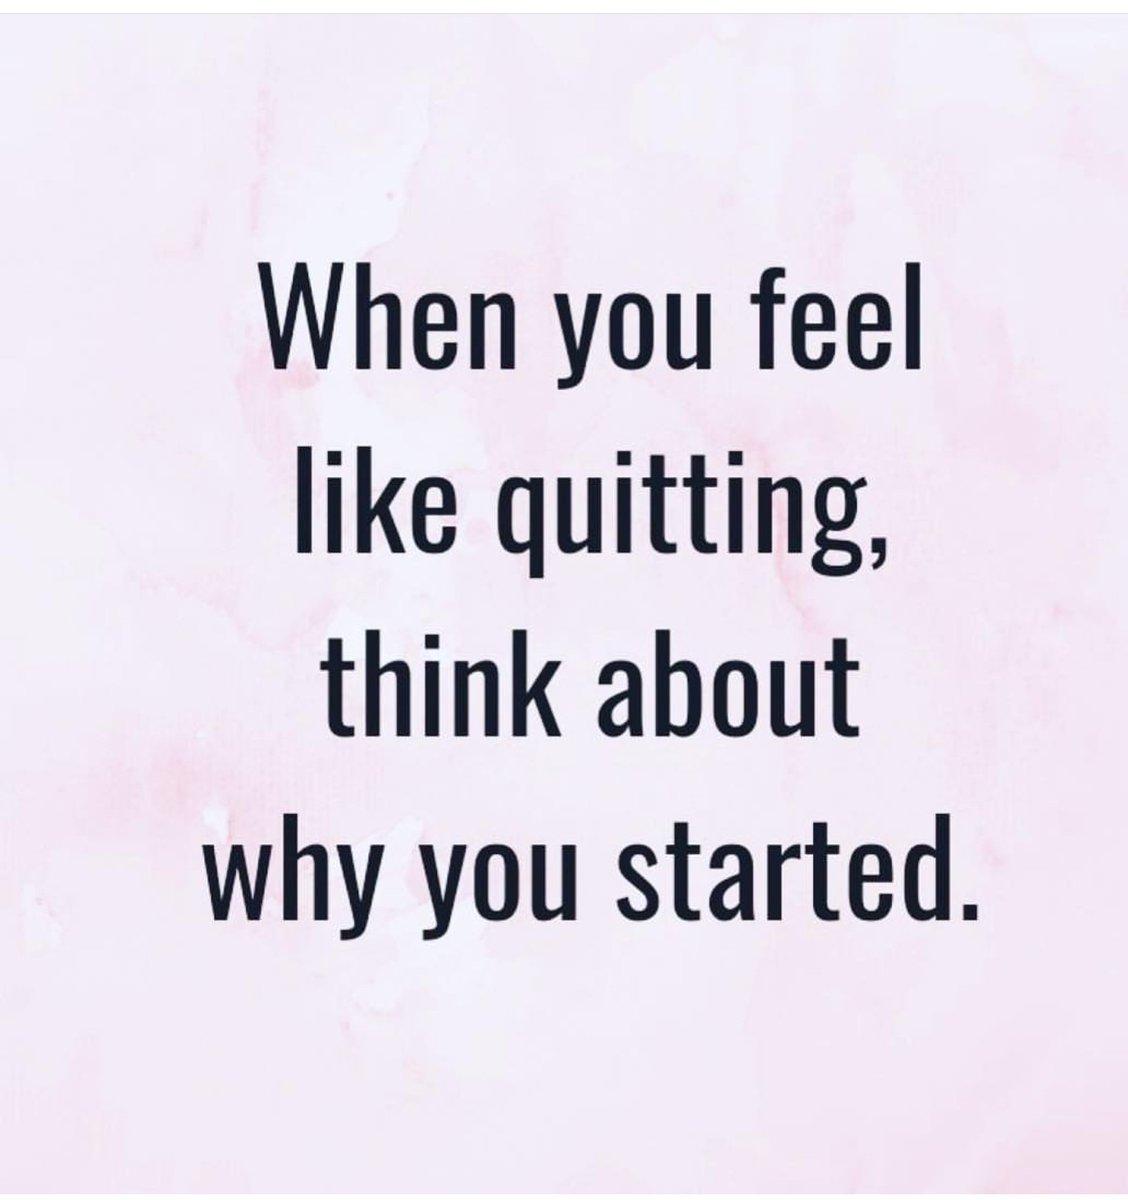 عندما تشعر أنك تريد الاستسلام فكر بما جعلك تبدأ في المقام الأول... تصبحون على إرادة